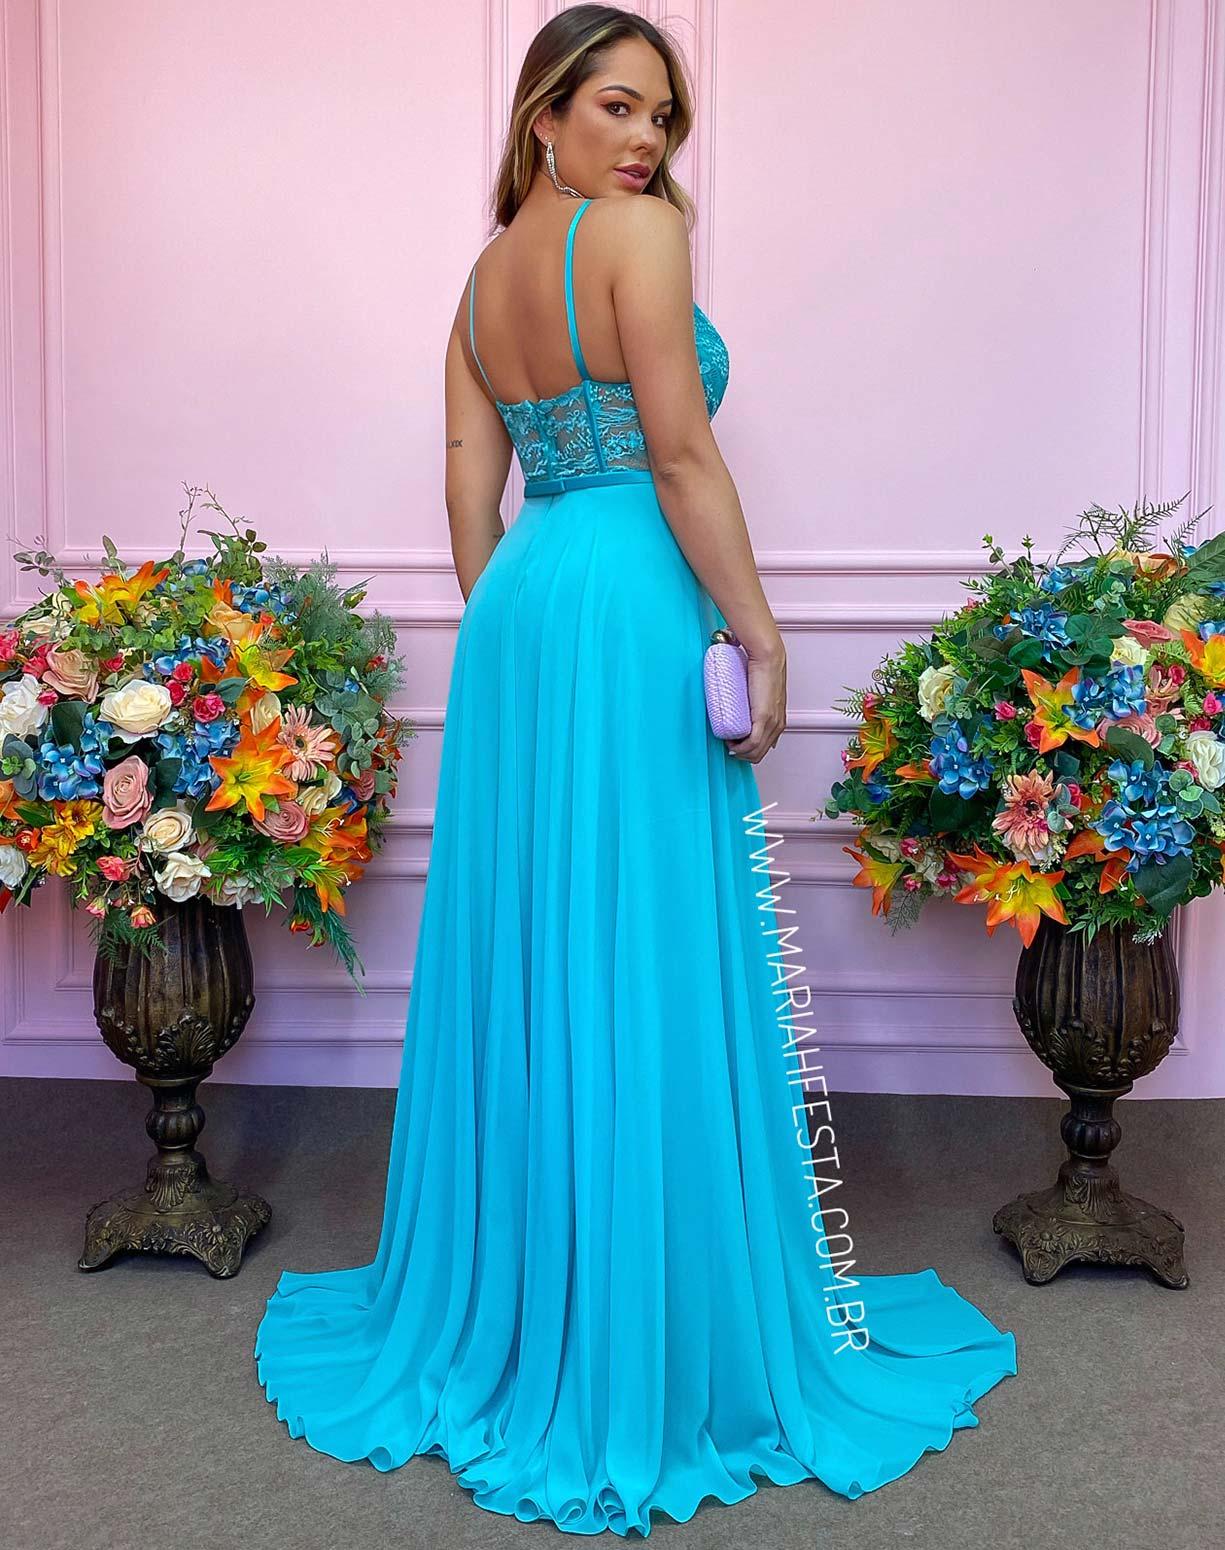 Vestido Tiffany com Corpo em Renda e Saia Evasê